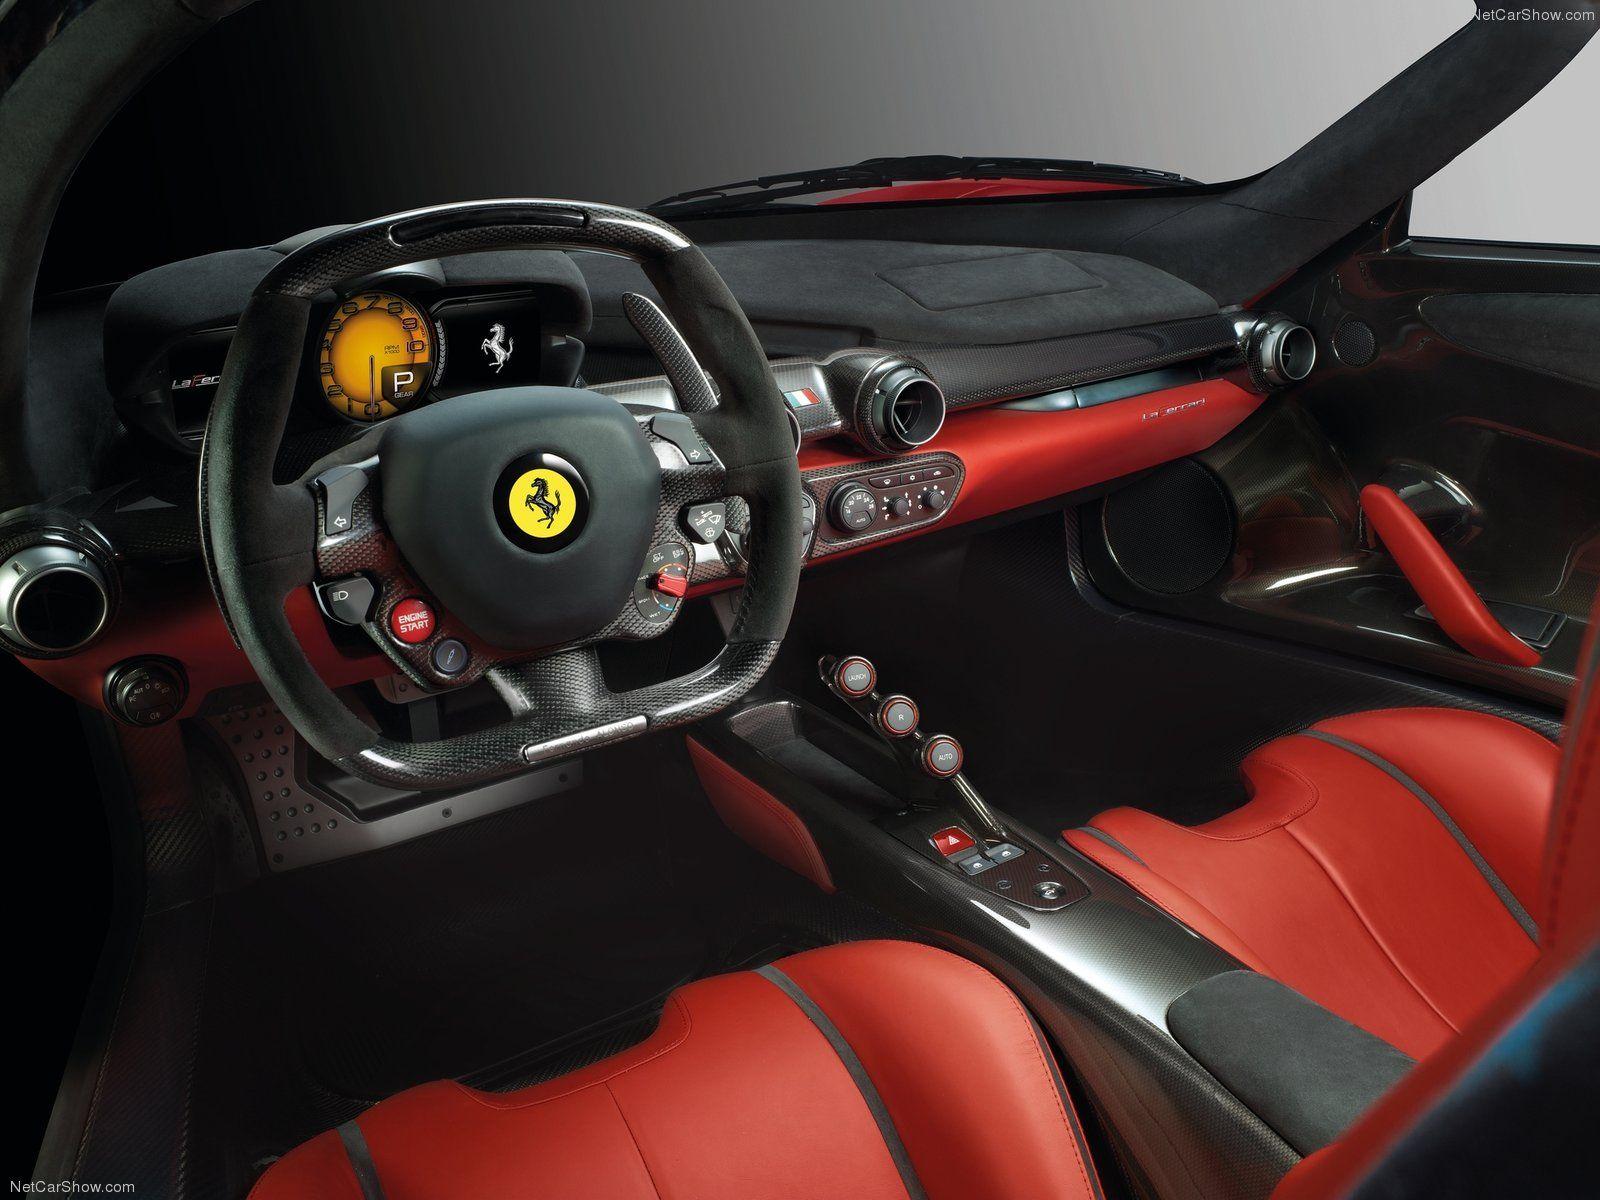 Black Ferrari Concept Cars | 2014 LaFerrari Concept Car Interior   HD  Wallpapers